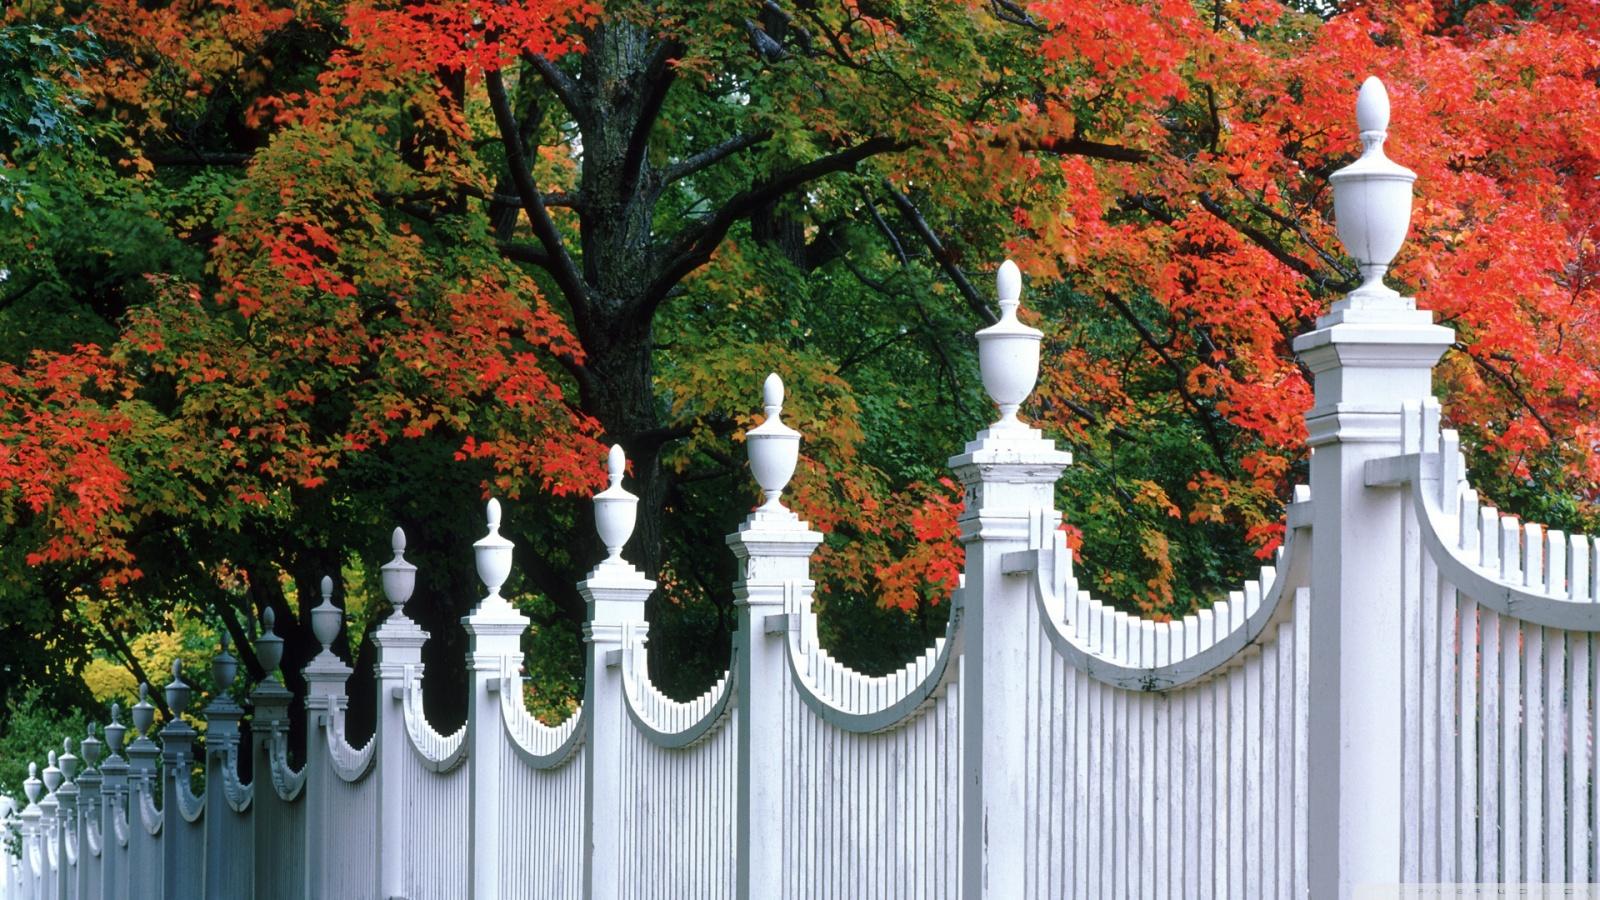 Autumn Fall Wallpaper 1600x900 Autumn In New England Bennington Vermont 4k Hd Desktop